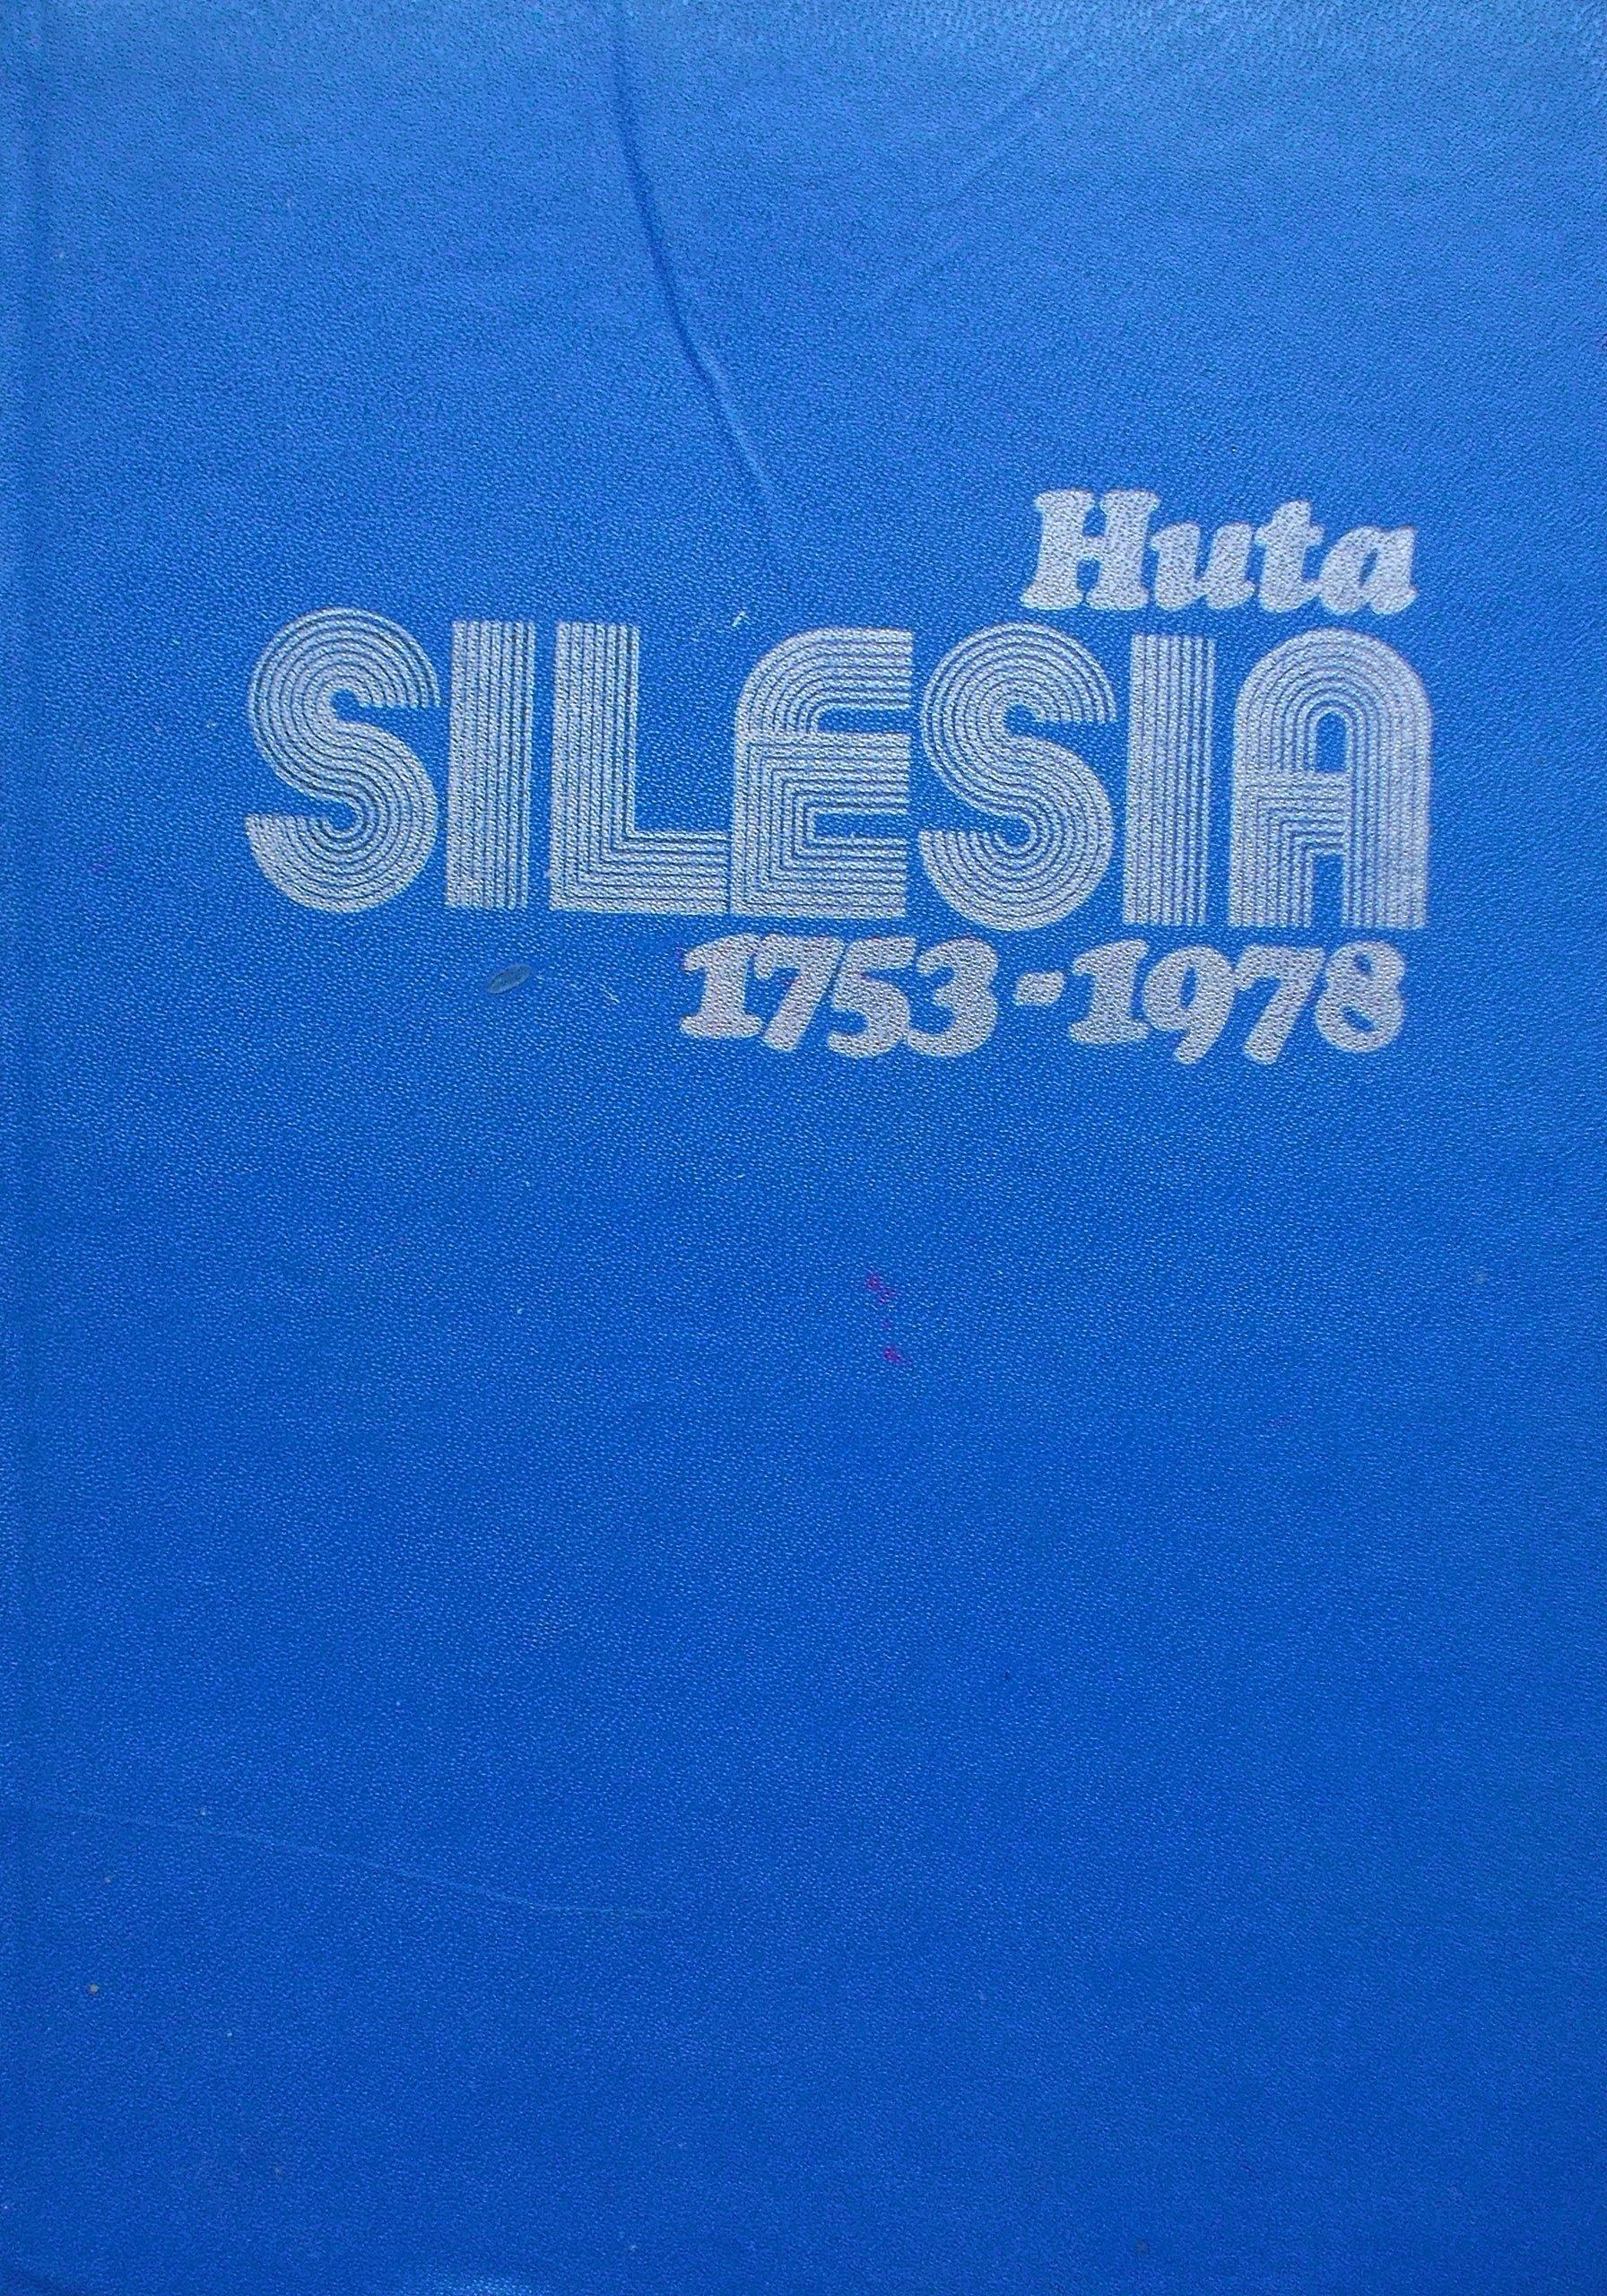 Huta Silesia 1753-1978 Rechowicz - 7218529673 - oficjalne